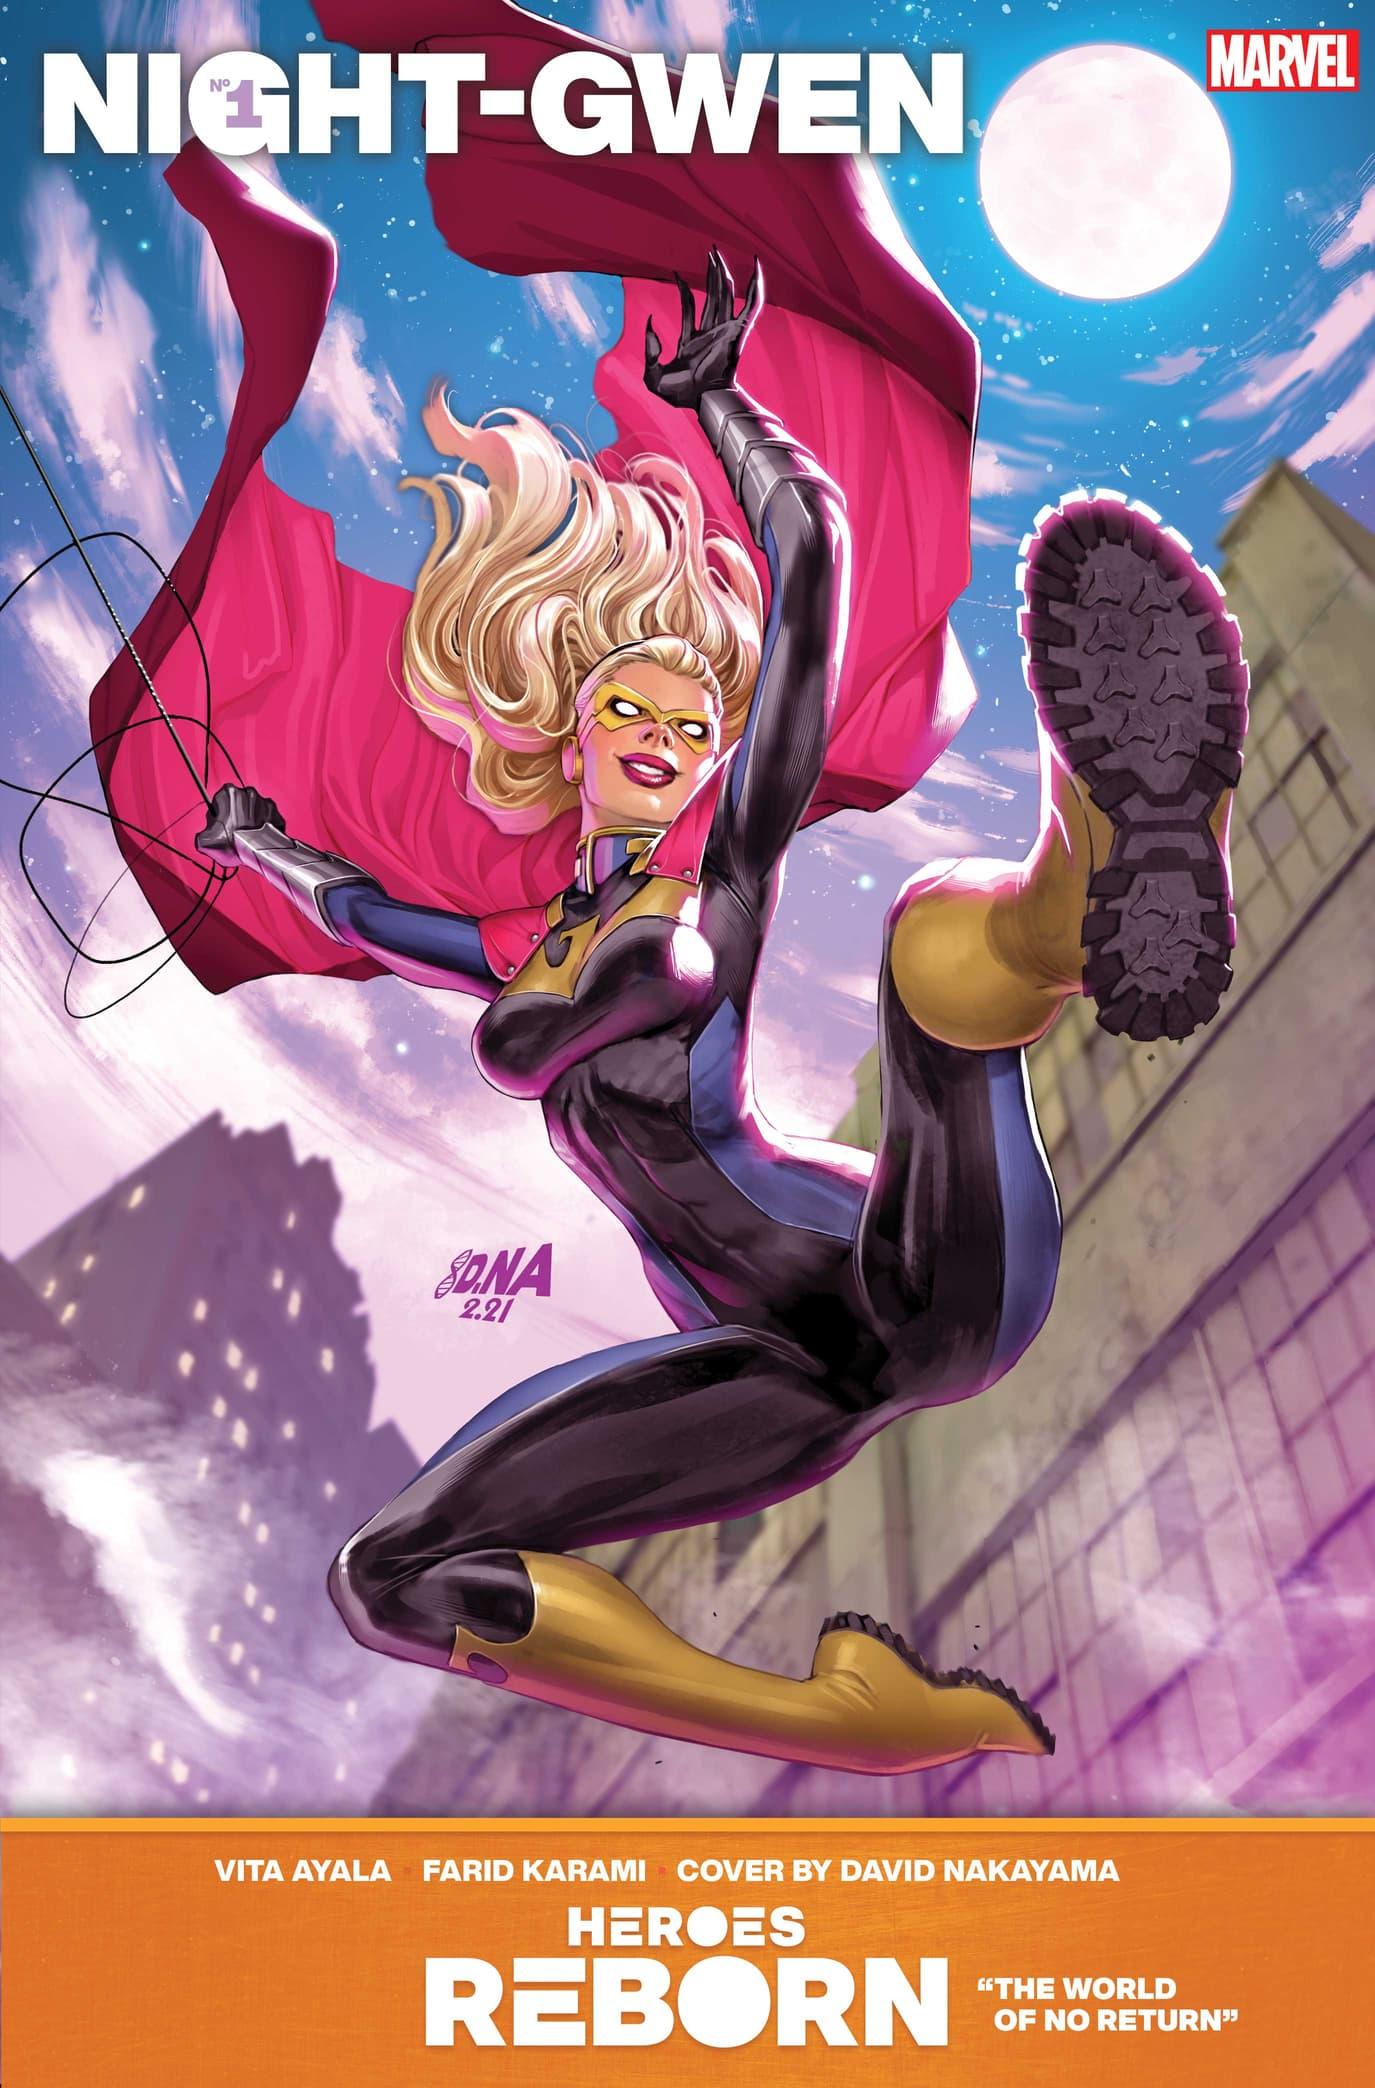 Heroes Reborn: Night-Gwen